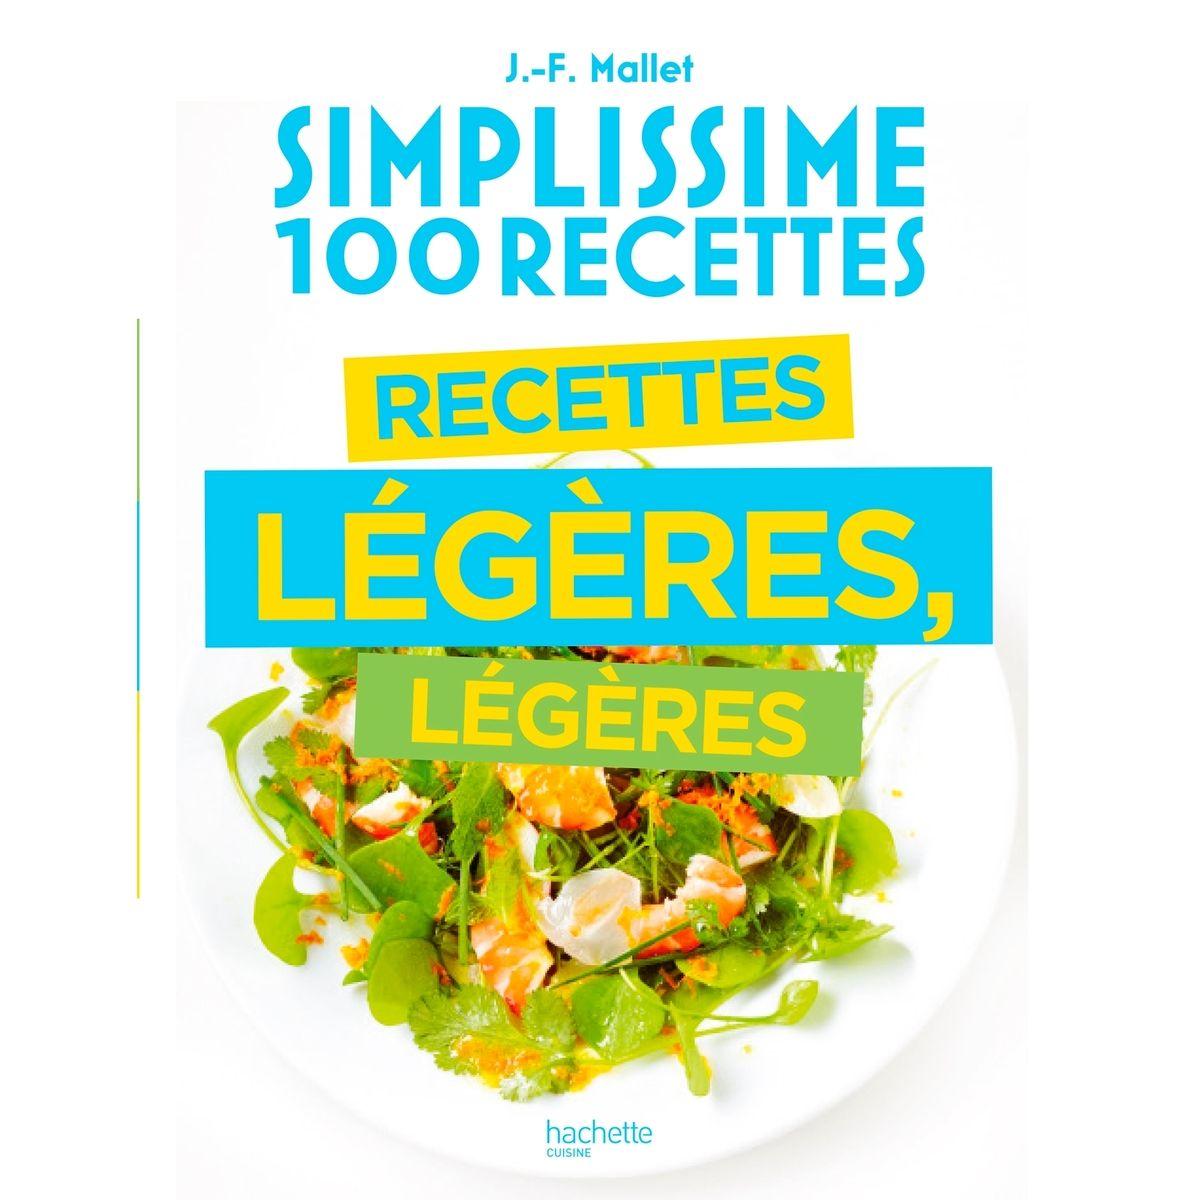 Simplissime 100 recettes recettes legeres - Hachette Pratique